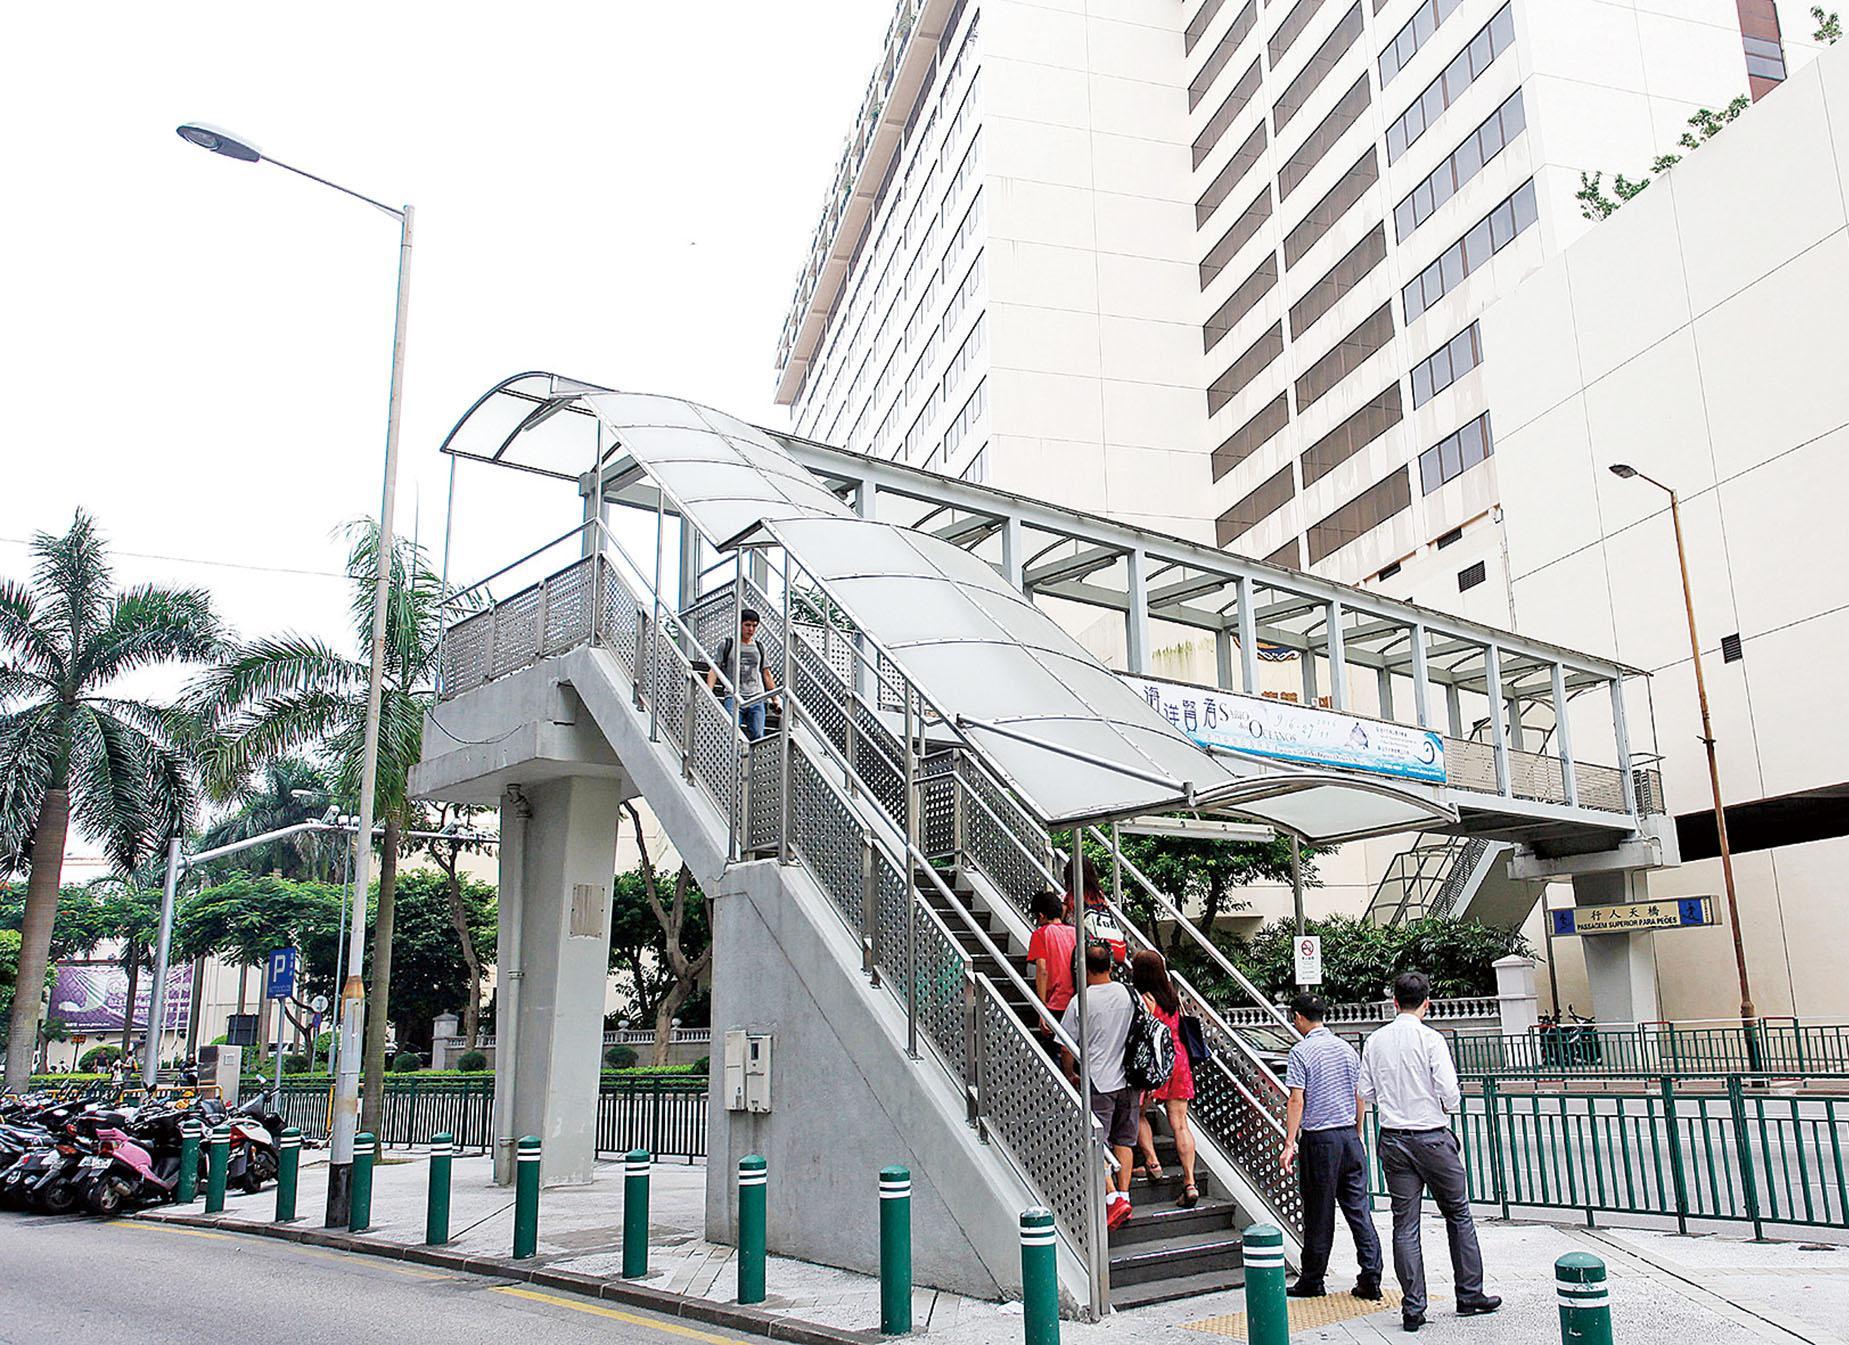 行人天橋將加設升降機